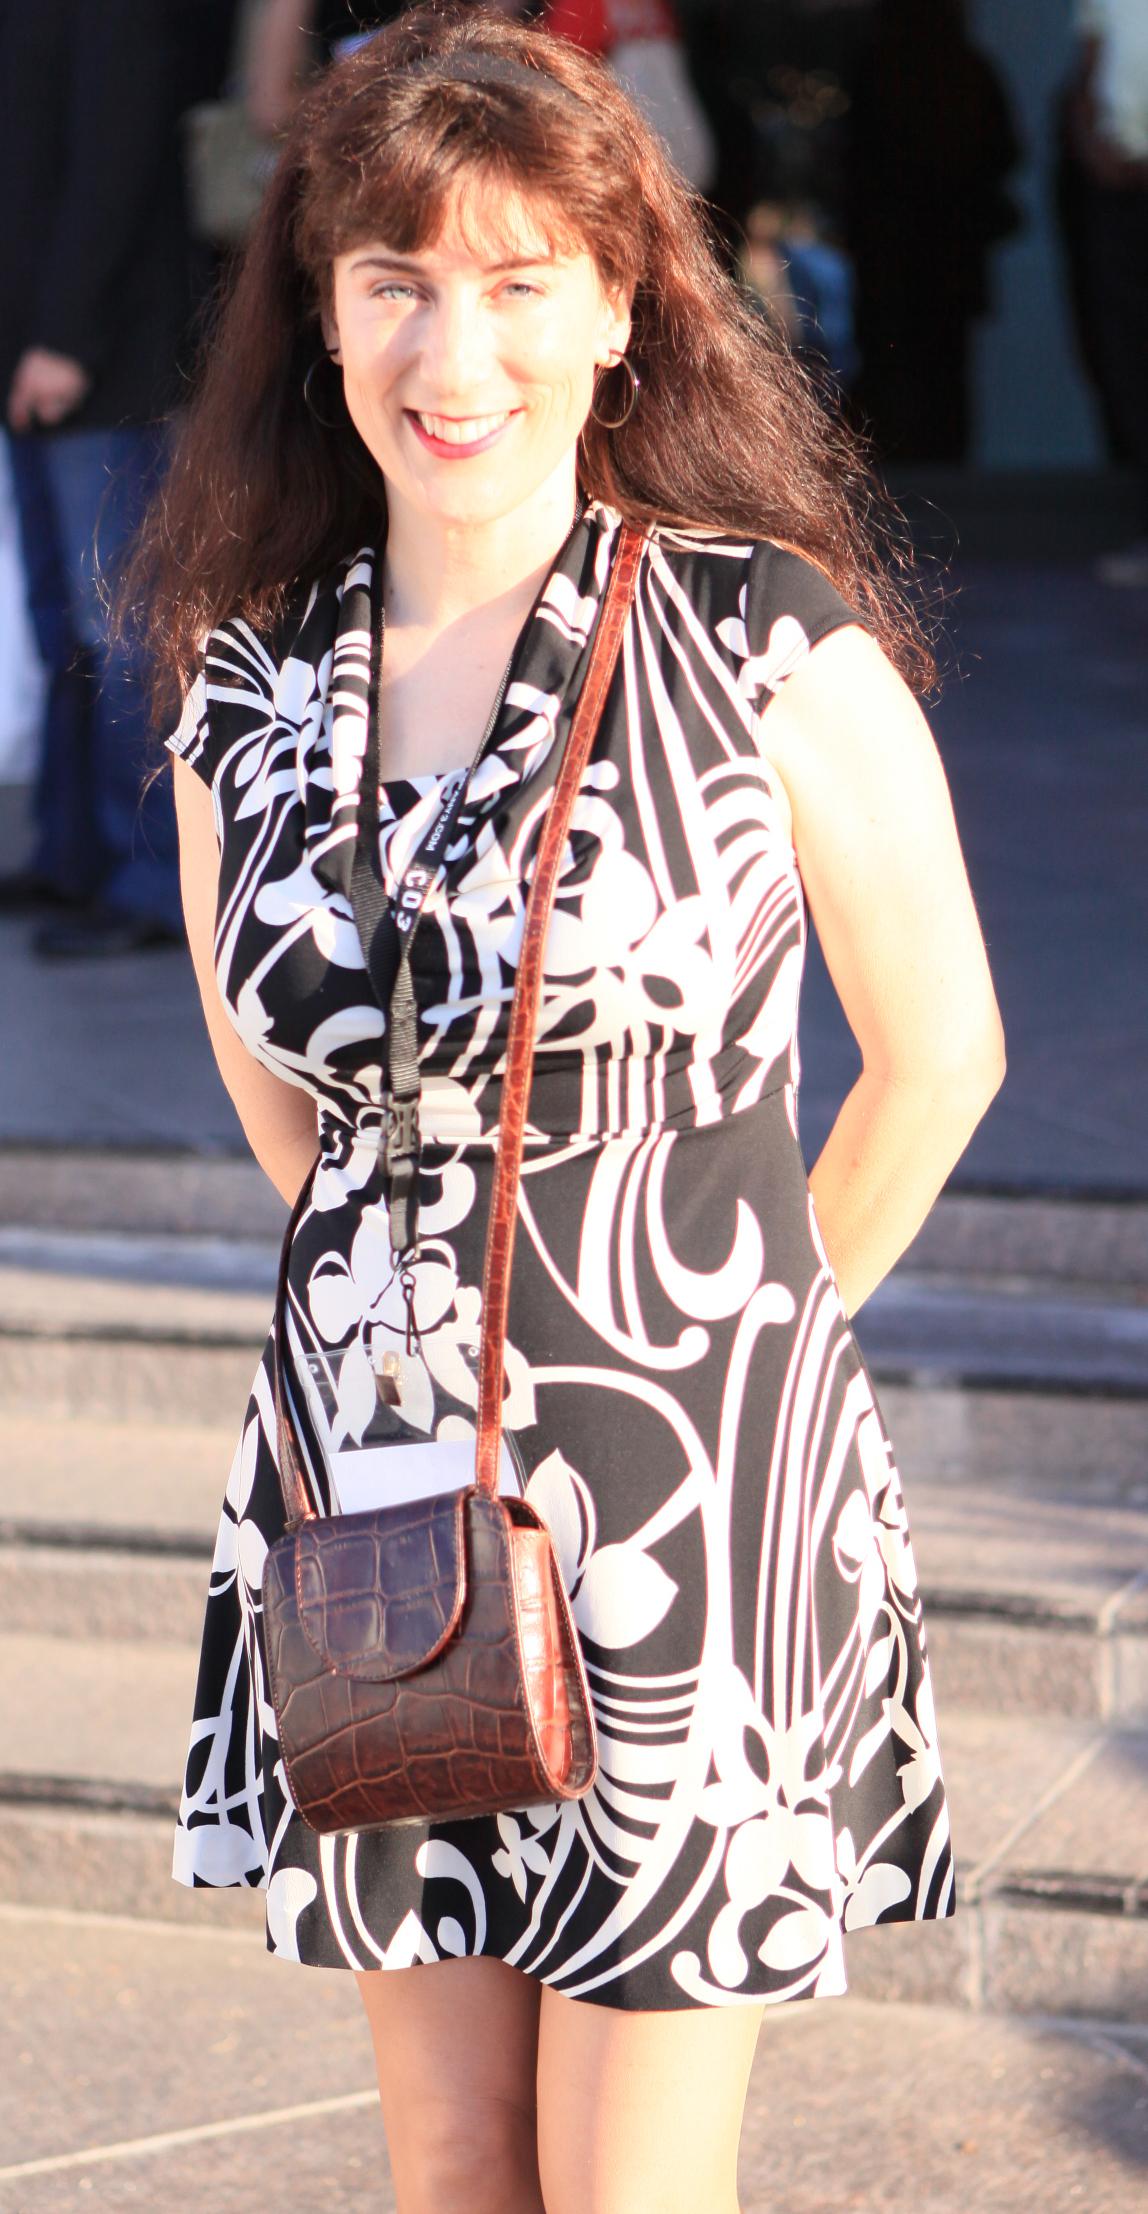 Cindy Baer